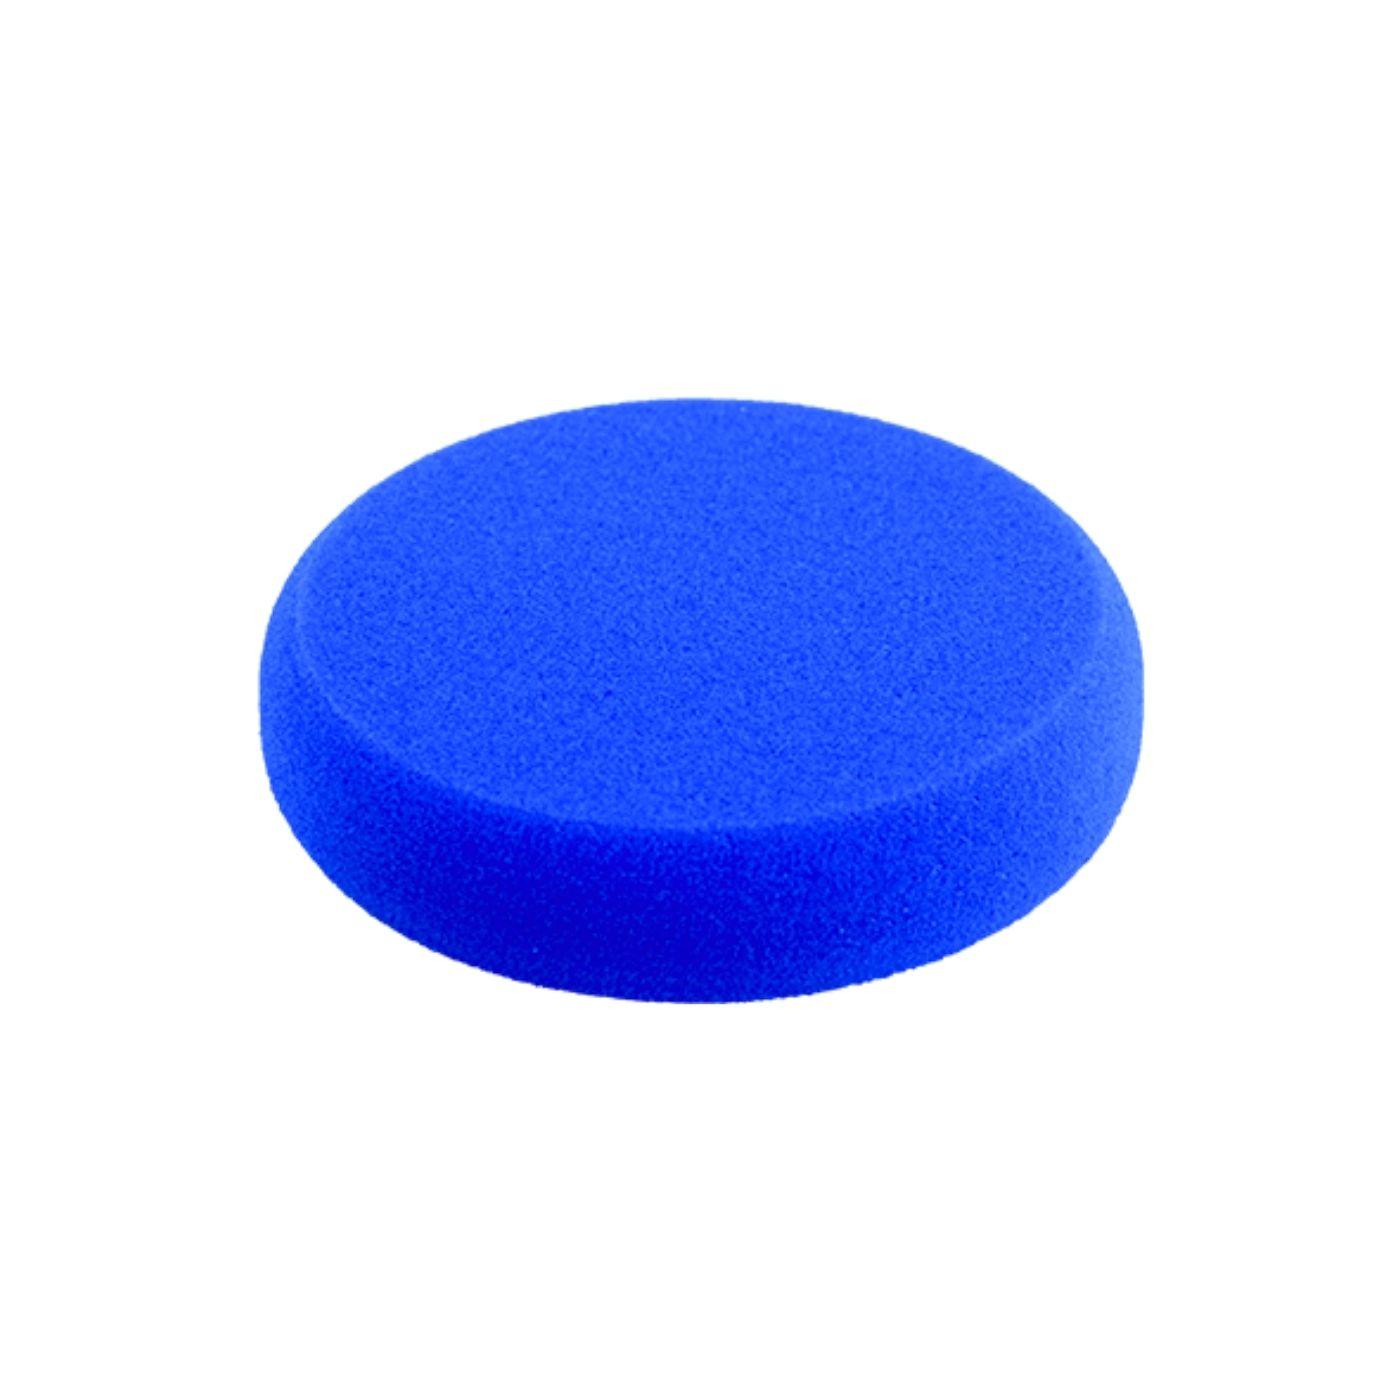 Skumrondell Turtle Wax, Mörkblå